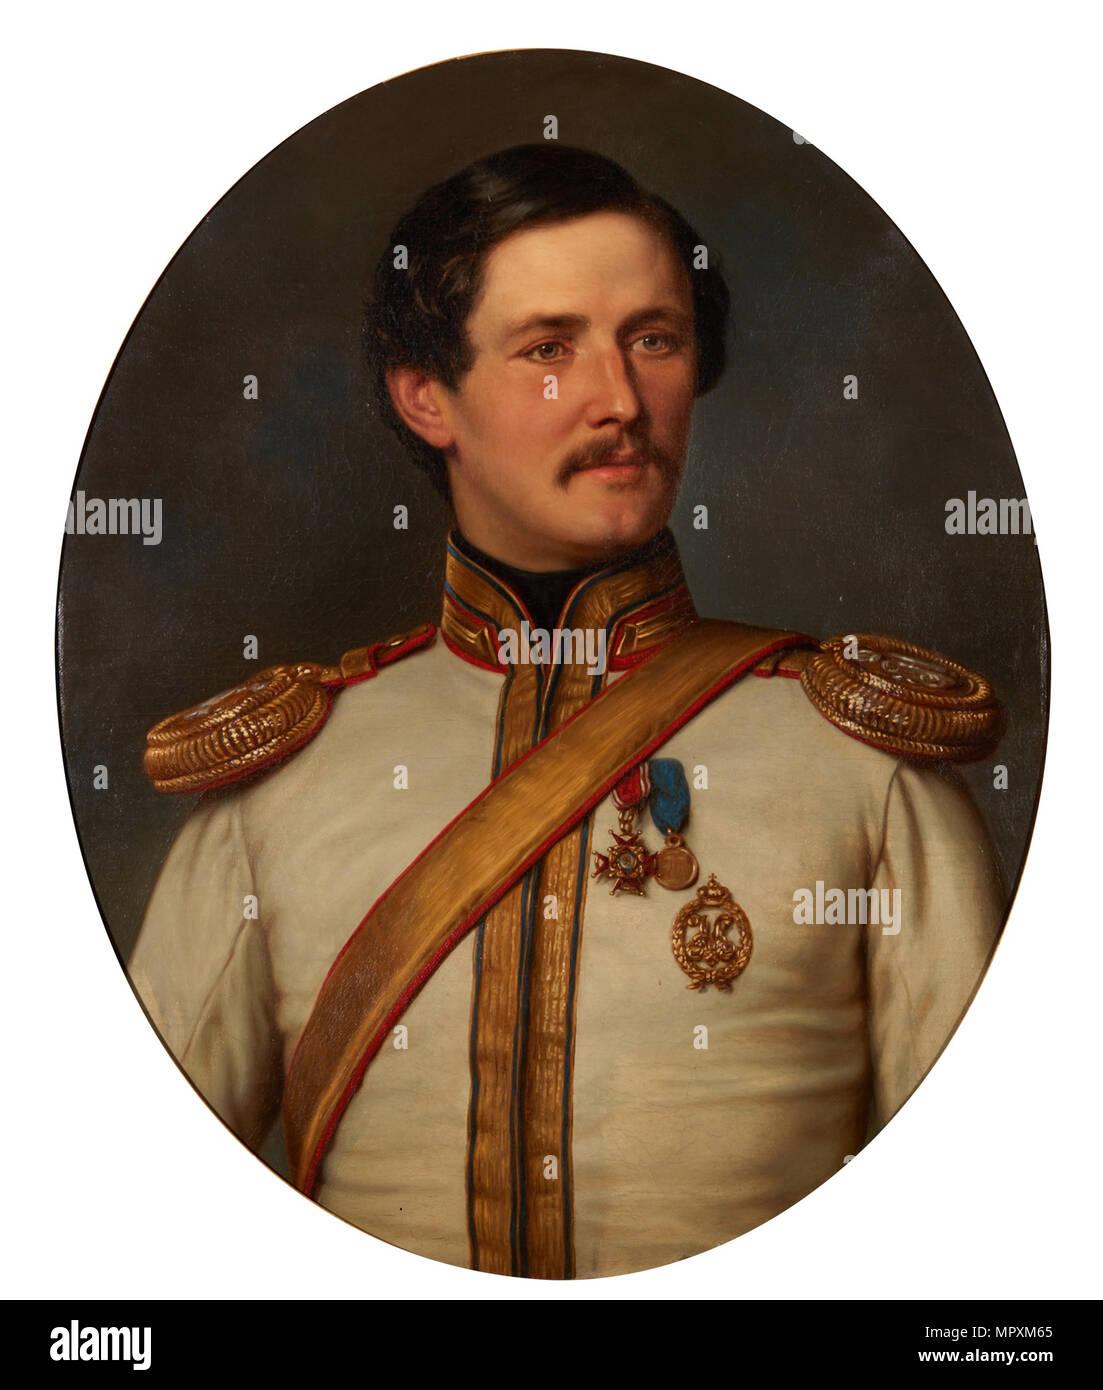 Peter Dominikus Ludwig (1831-1887), Prince of Sayn-Wittgenstein-Berleburg-Ludwigsburg, 1858. - Stock Image